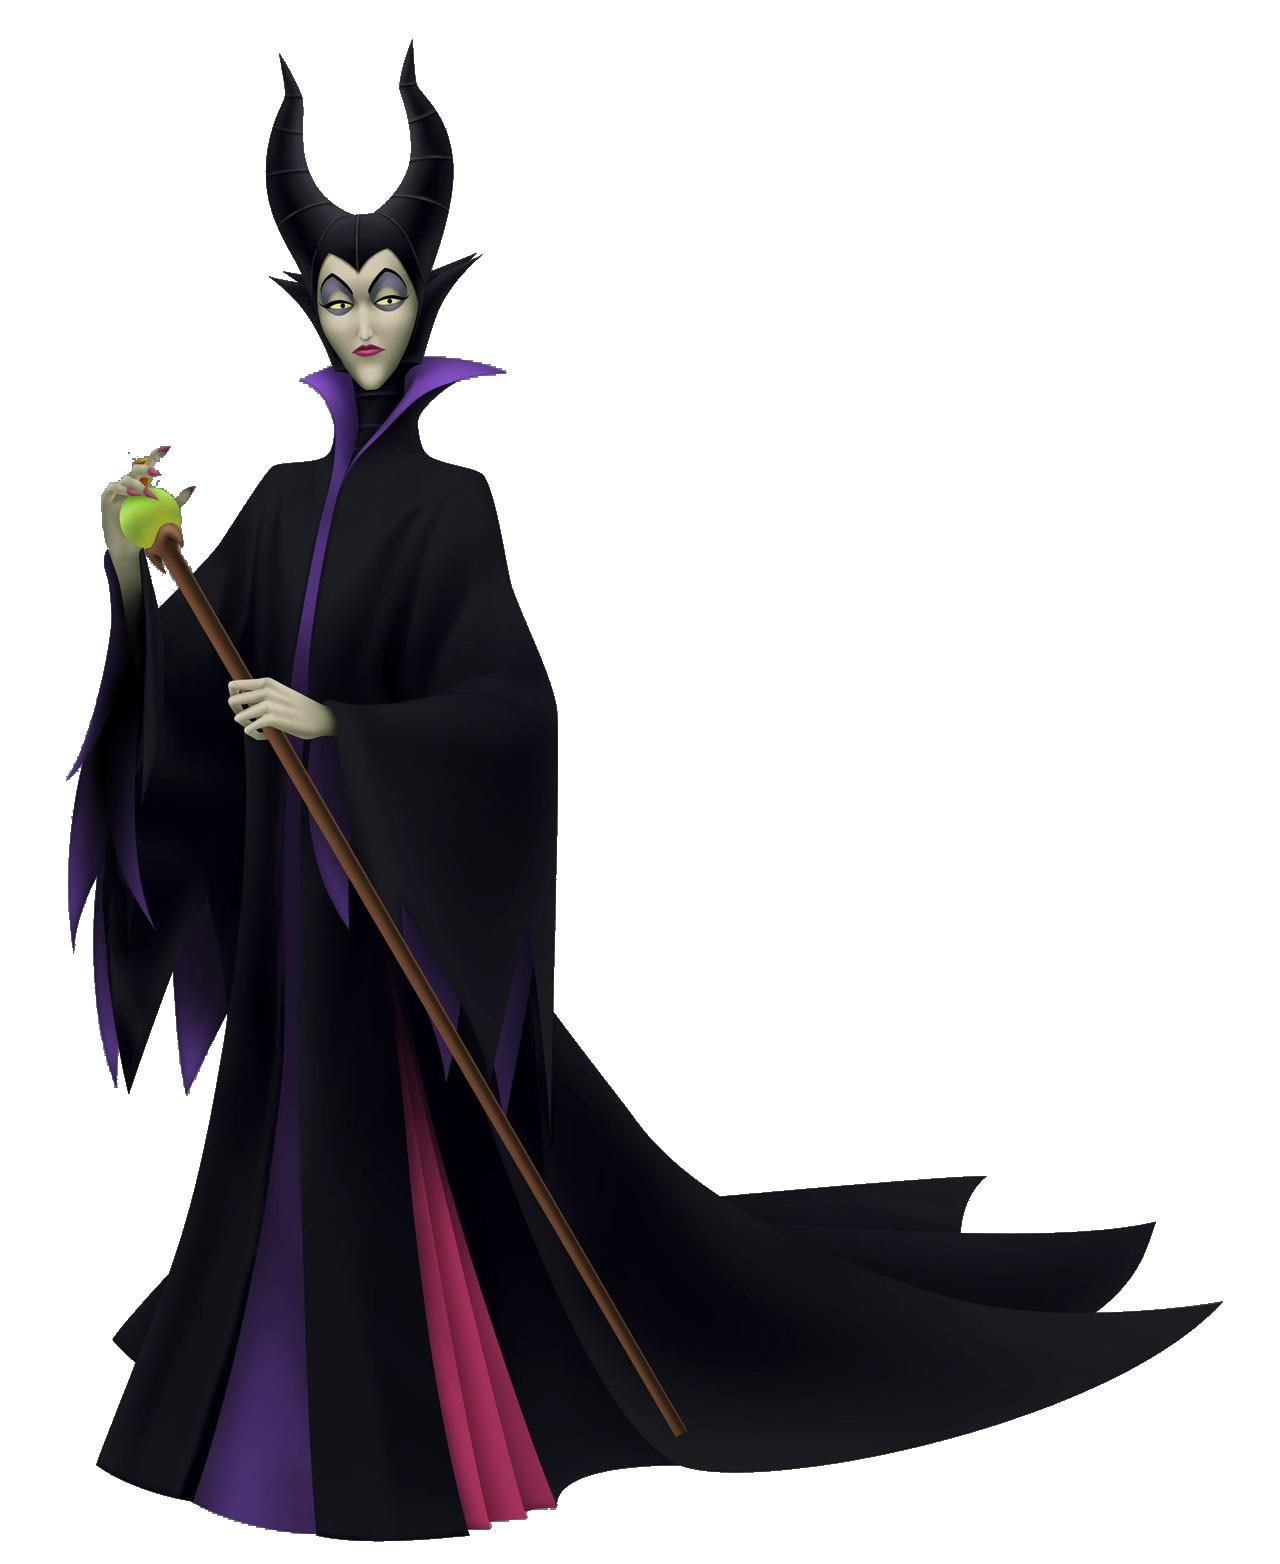 Fiche des personnages pré-définis  Maleficent